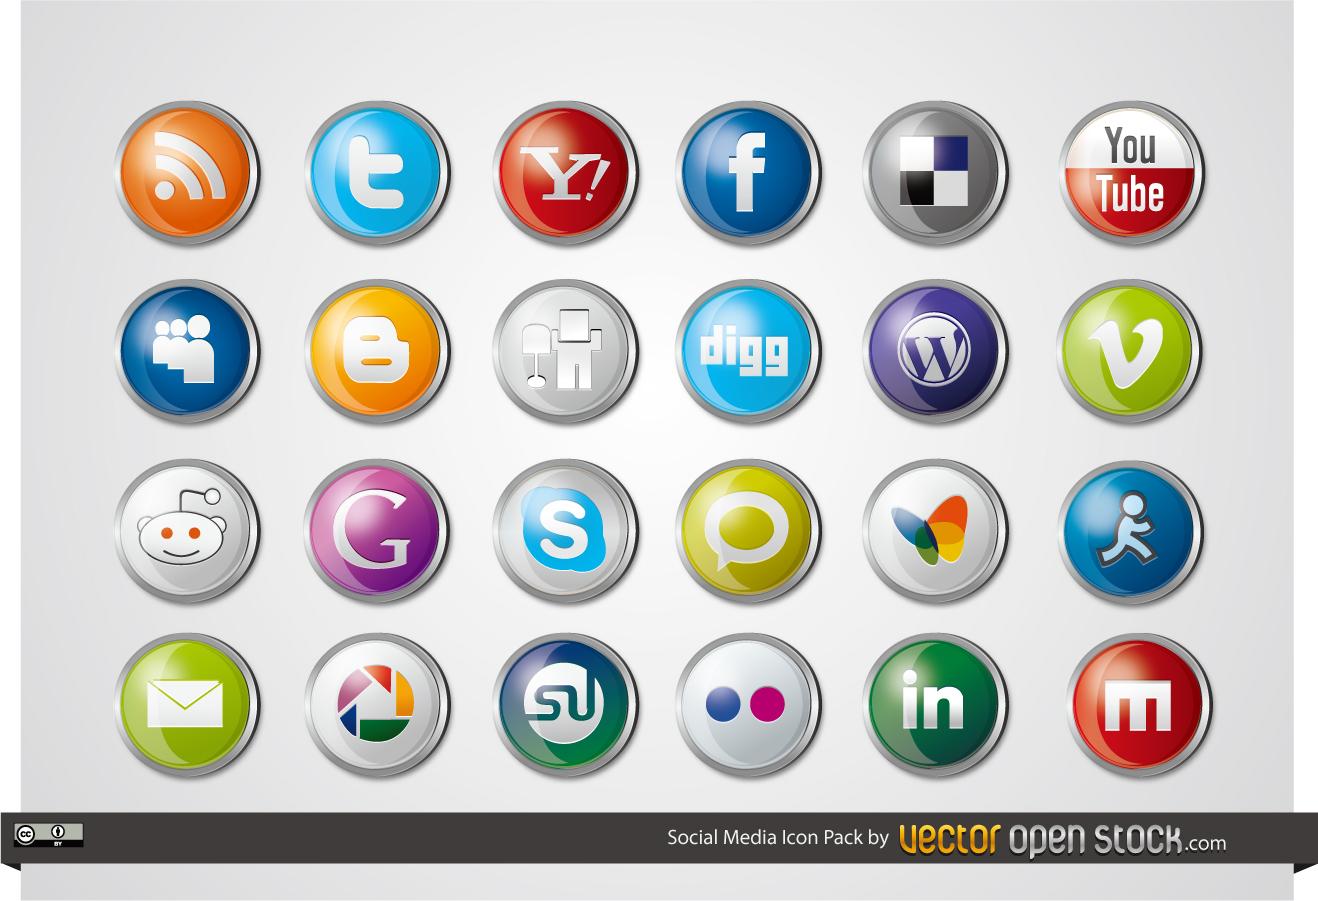 丸ボタン デザインのソーシャルメディア アイコン Social Media Icon Pack イラスト素材